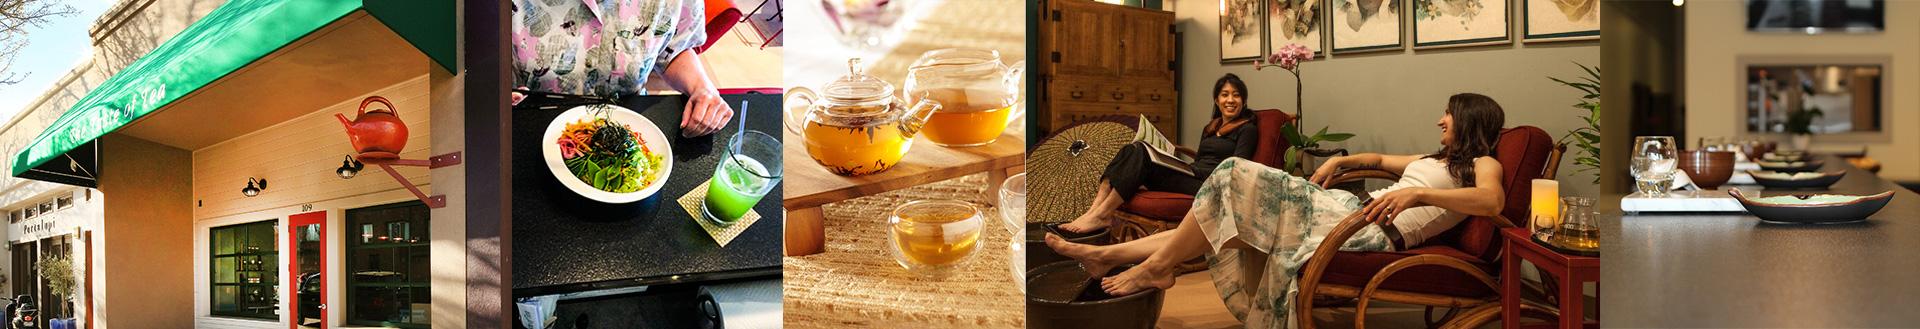 Spa, Food & Tea Bar